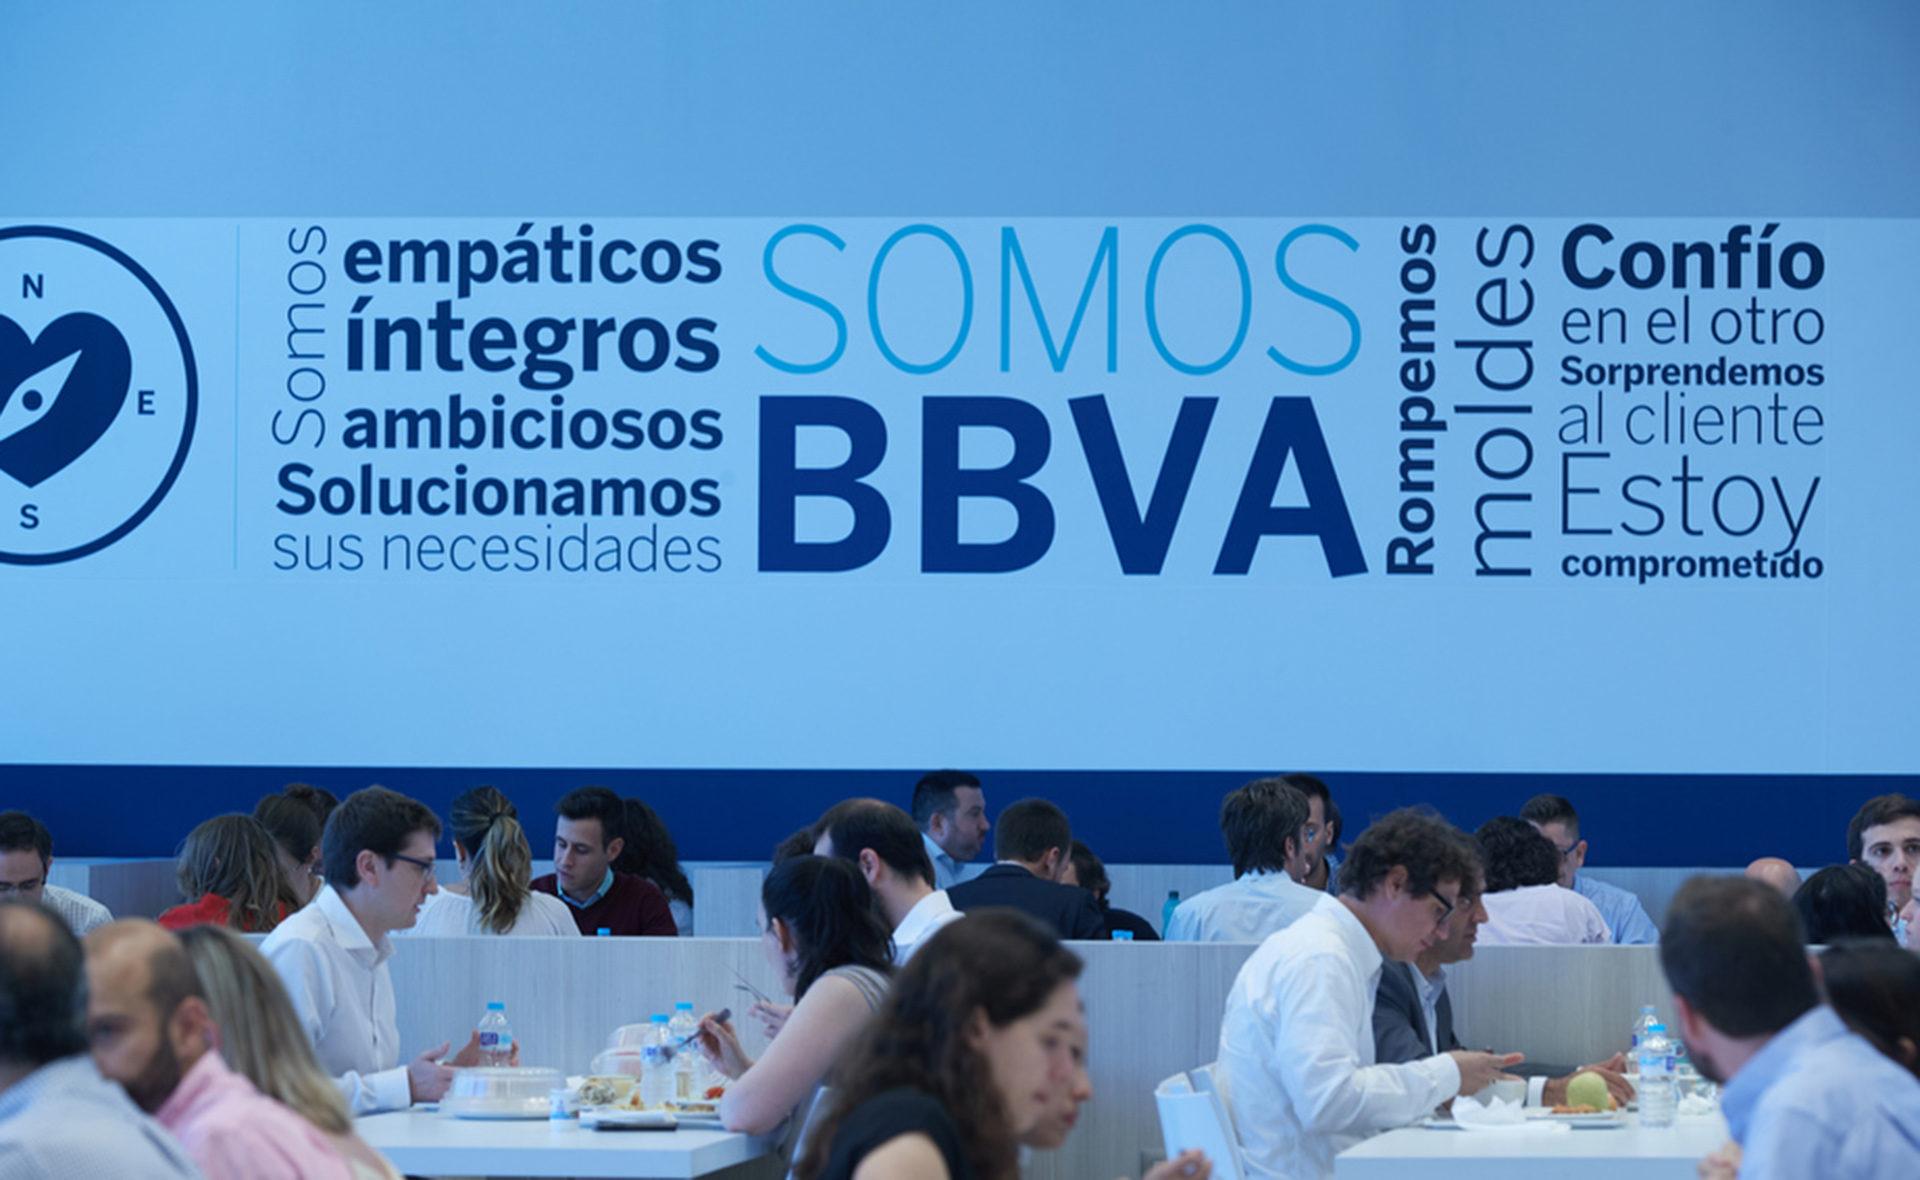 BBVA-derechos-humanos-05122019